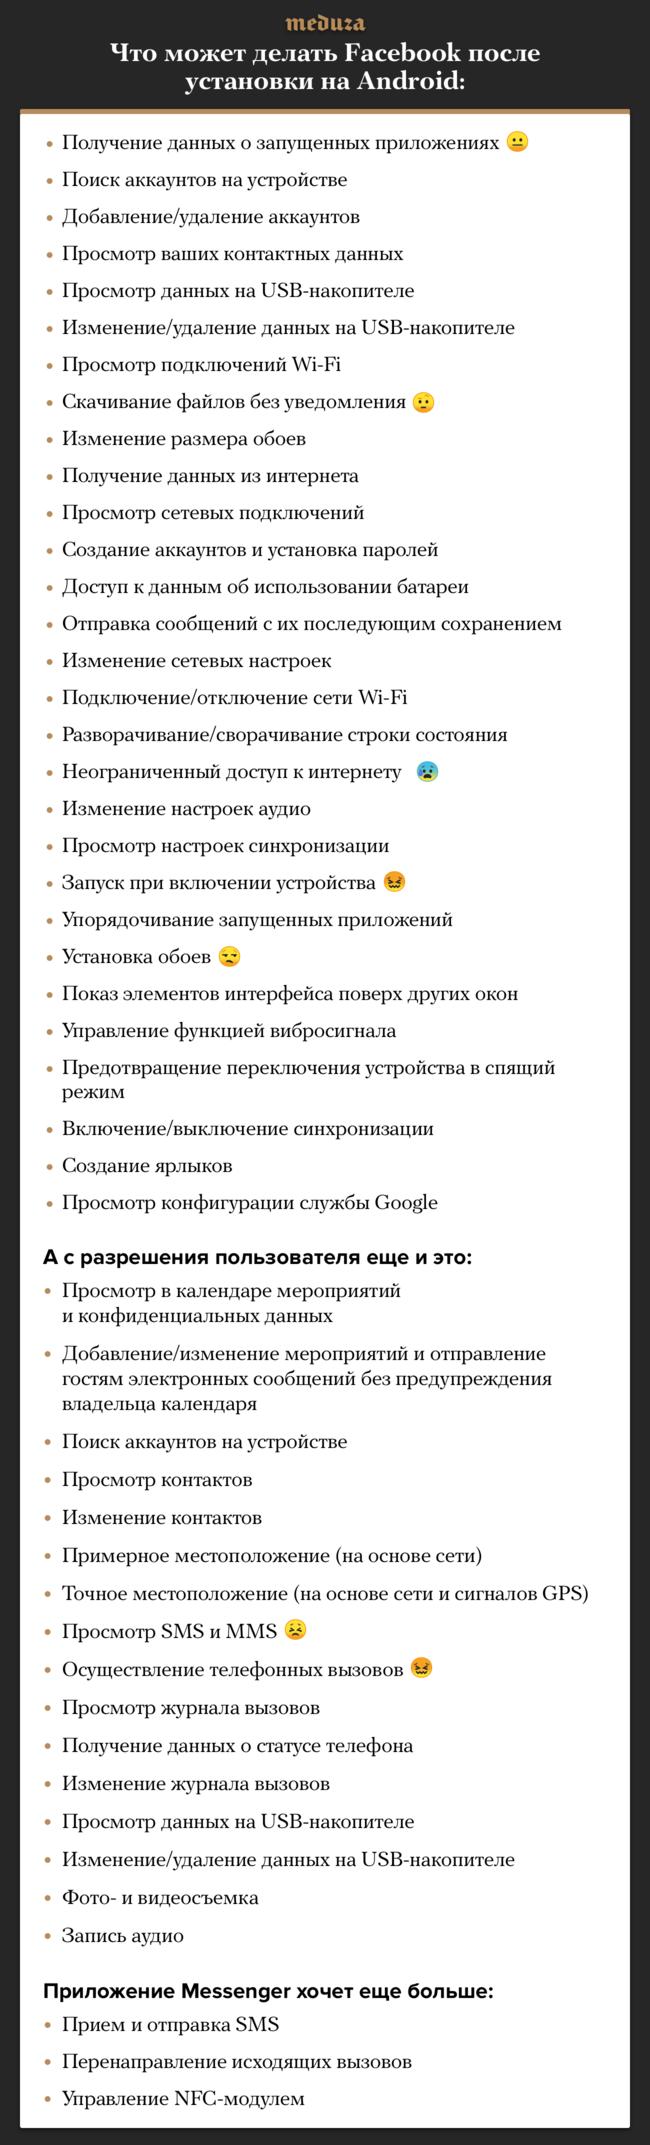 """Поправилам Google, разработчики приложений для Android должны заранее явно прописывать список категорий данных инастроек, ккоторым они хотят получить доступ. Этот список можно посмотреть прямо <a href=""""https://play.google.com/store/apps/details?id=com.facebook.katana&hl=ru"""" target=""""_blank"""">вGoogle Play</a>, номногие пользователи этого неделают— азря! Например, приложение Facebook, которое впоследнее время критикуют за<a href=""""https://meduza.io/feature/2018/03/27/facebook-godami-sobiral-informatsiyu-o-zvonkah-i-sms-polzovateley-tak-chto-oni-ob-etom-ne-dogadyvalis-v-sotsseti-govoryat-chto-vse-zakonno"""" target=""""_blank"""">чрезмерное любопытство</a>, просит доступ кдесяткам категорий данных. Часть разрешений приложение получает сразу при установке, ачасть требует дополнительного согласия пользователя."""